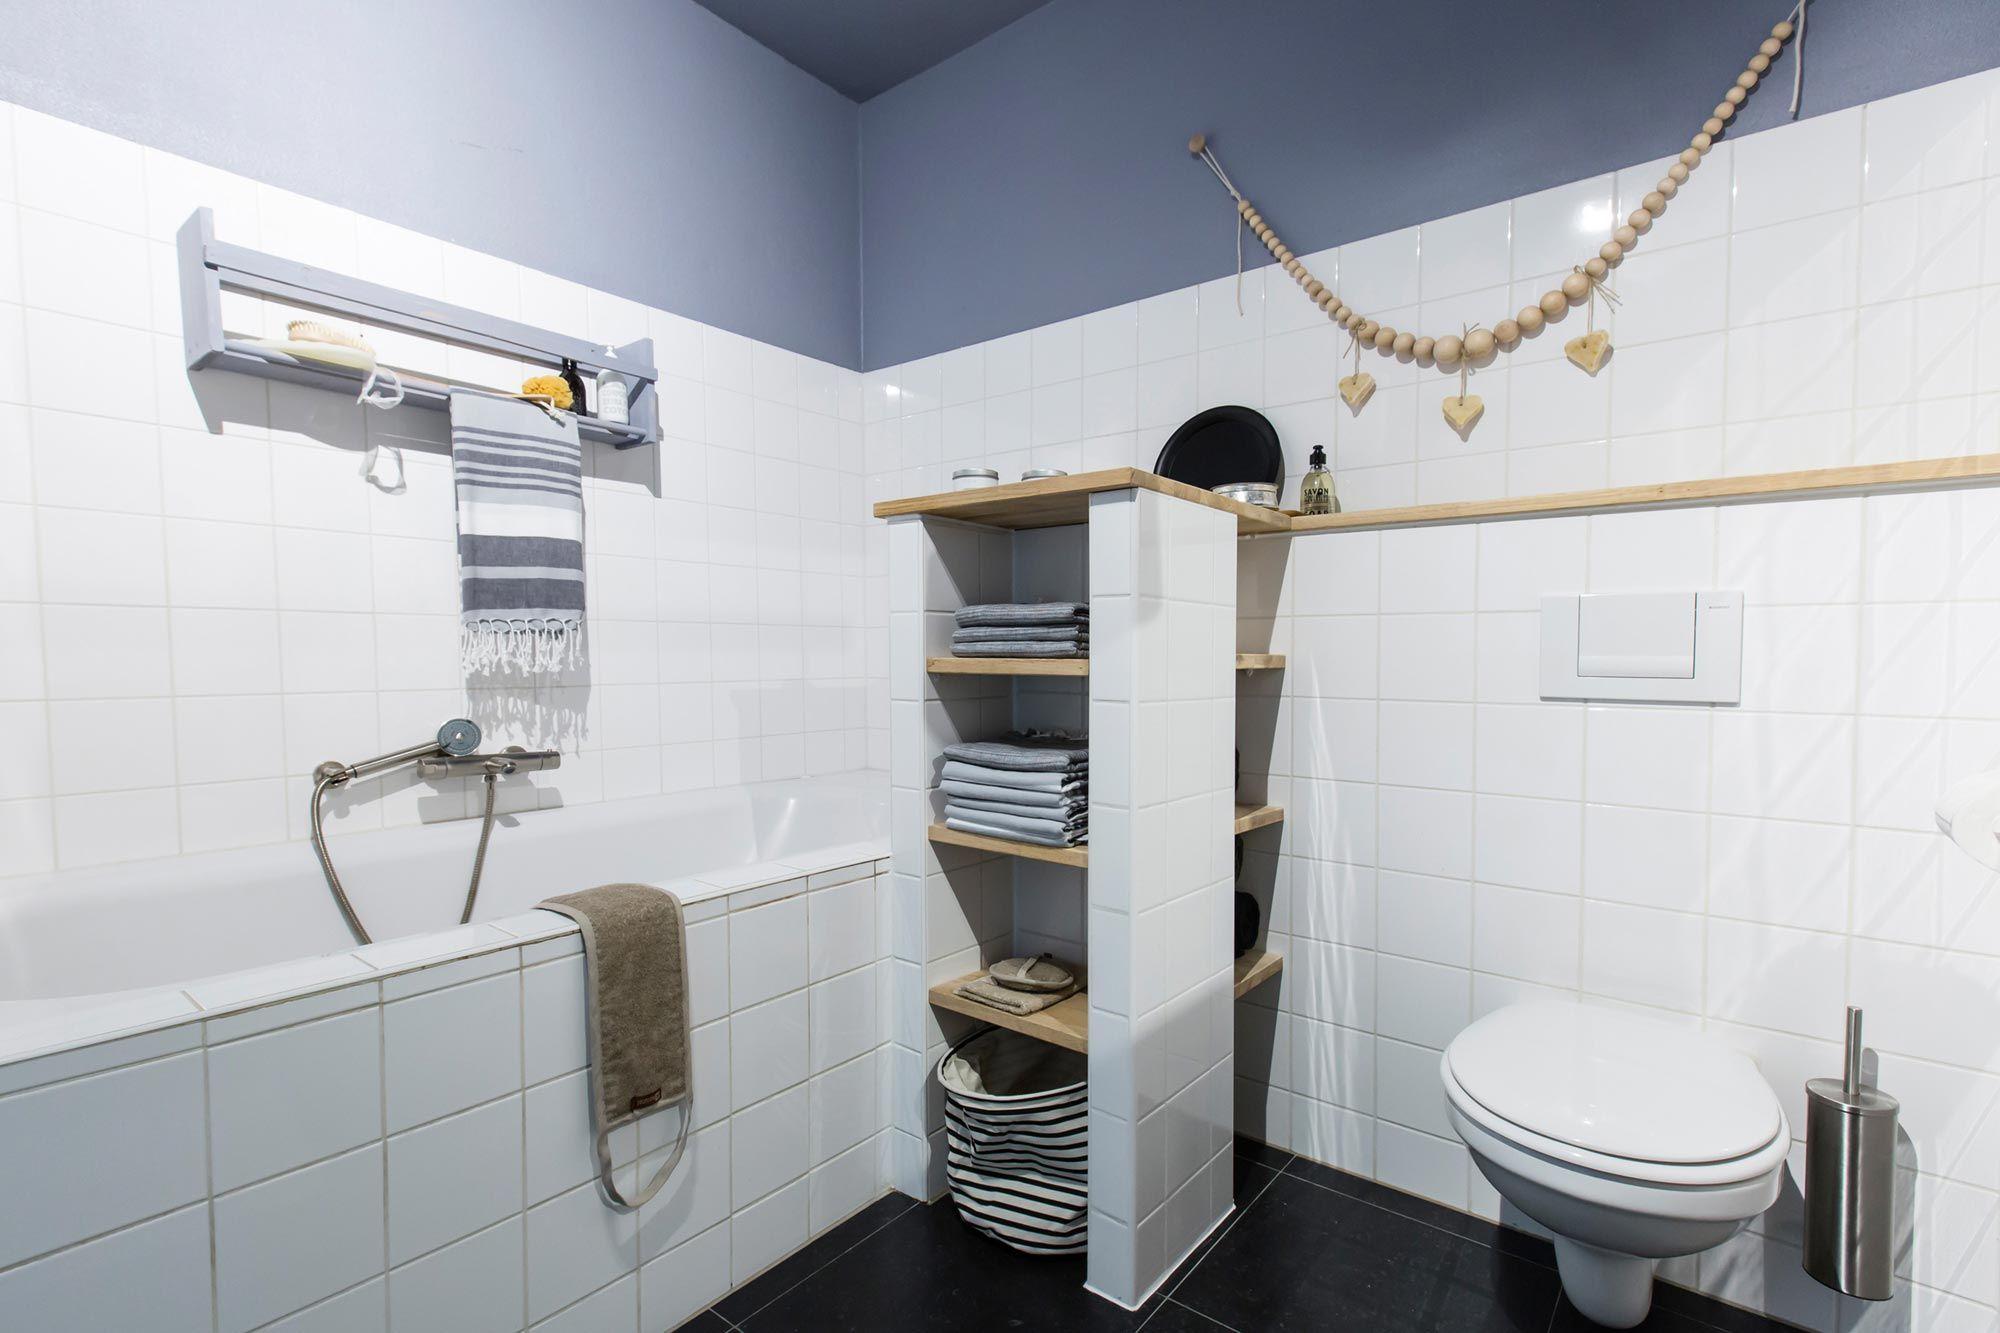 De nieuwe rustgevende badkamer van Michiel en Elke in aflevering 8 ...